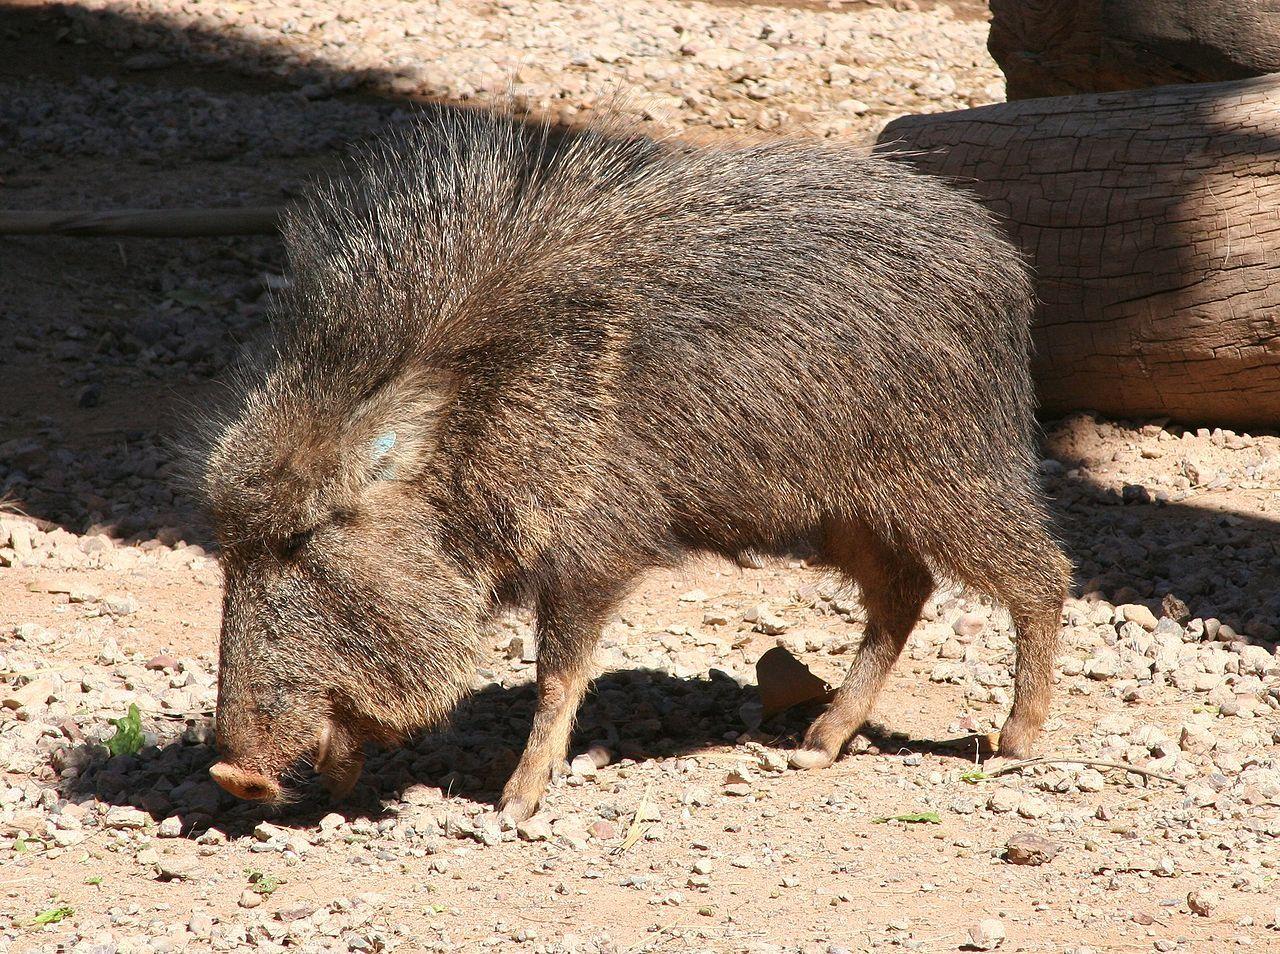 El pecarí quimilero, taguá, pecarí del Chaco, jabalí, solitario, u orejudo (Catagonus wagneri o Parachoerus wagneri) es una especie de mamífero artiodáctilo de la familia Tayassuidae, la de mayores dimensiones dentro de la familia.